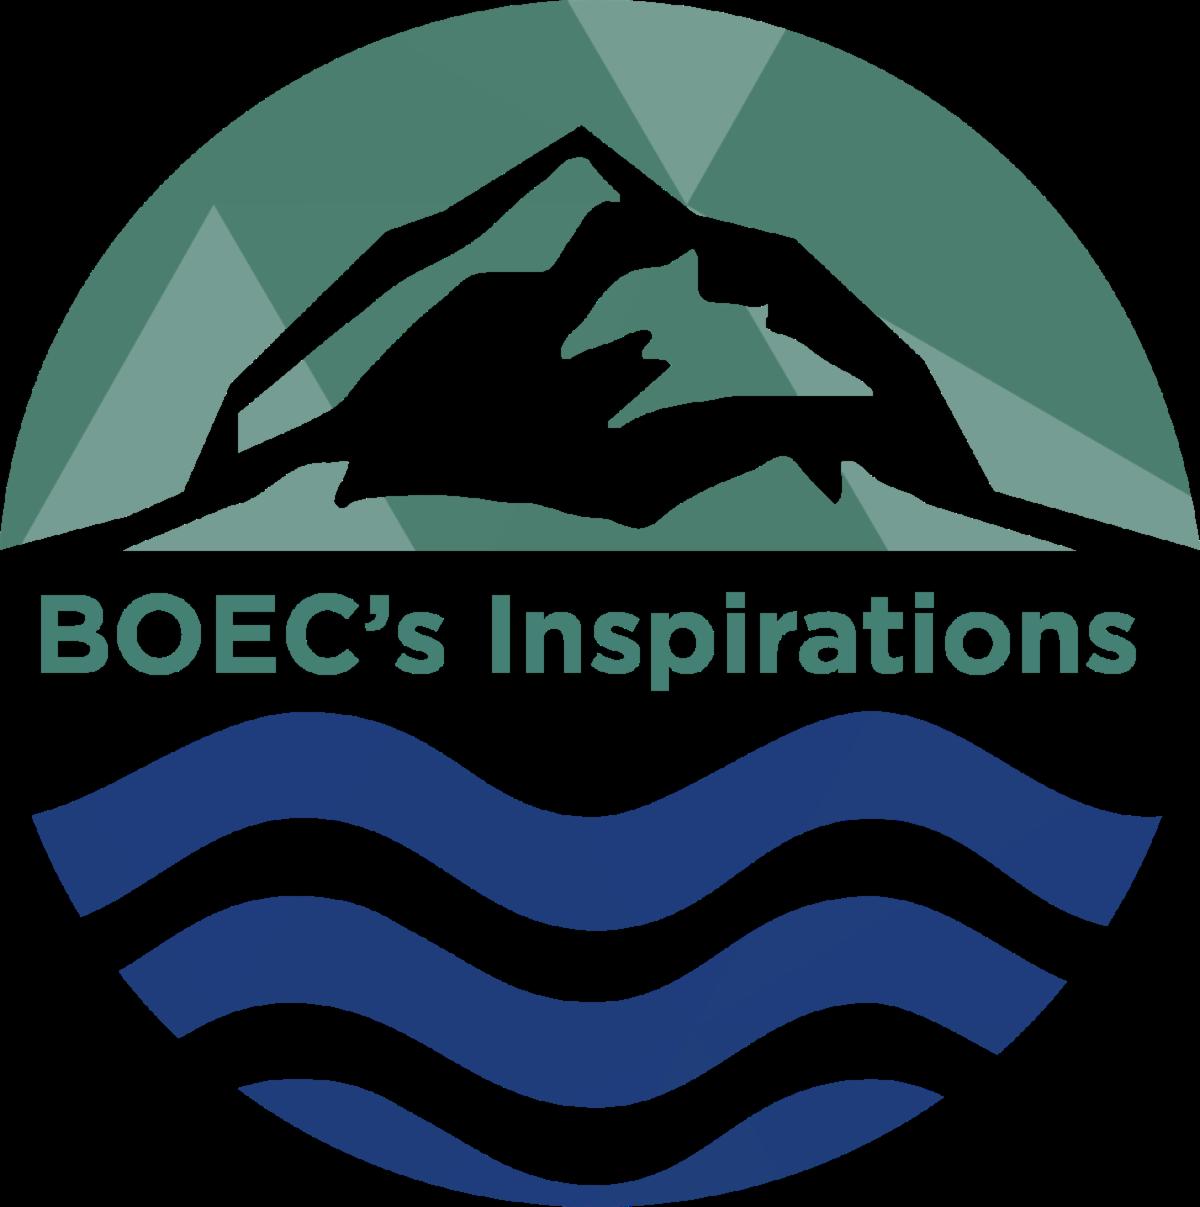 BOEC's Inspirations E-Newsletter